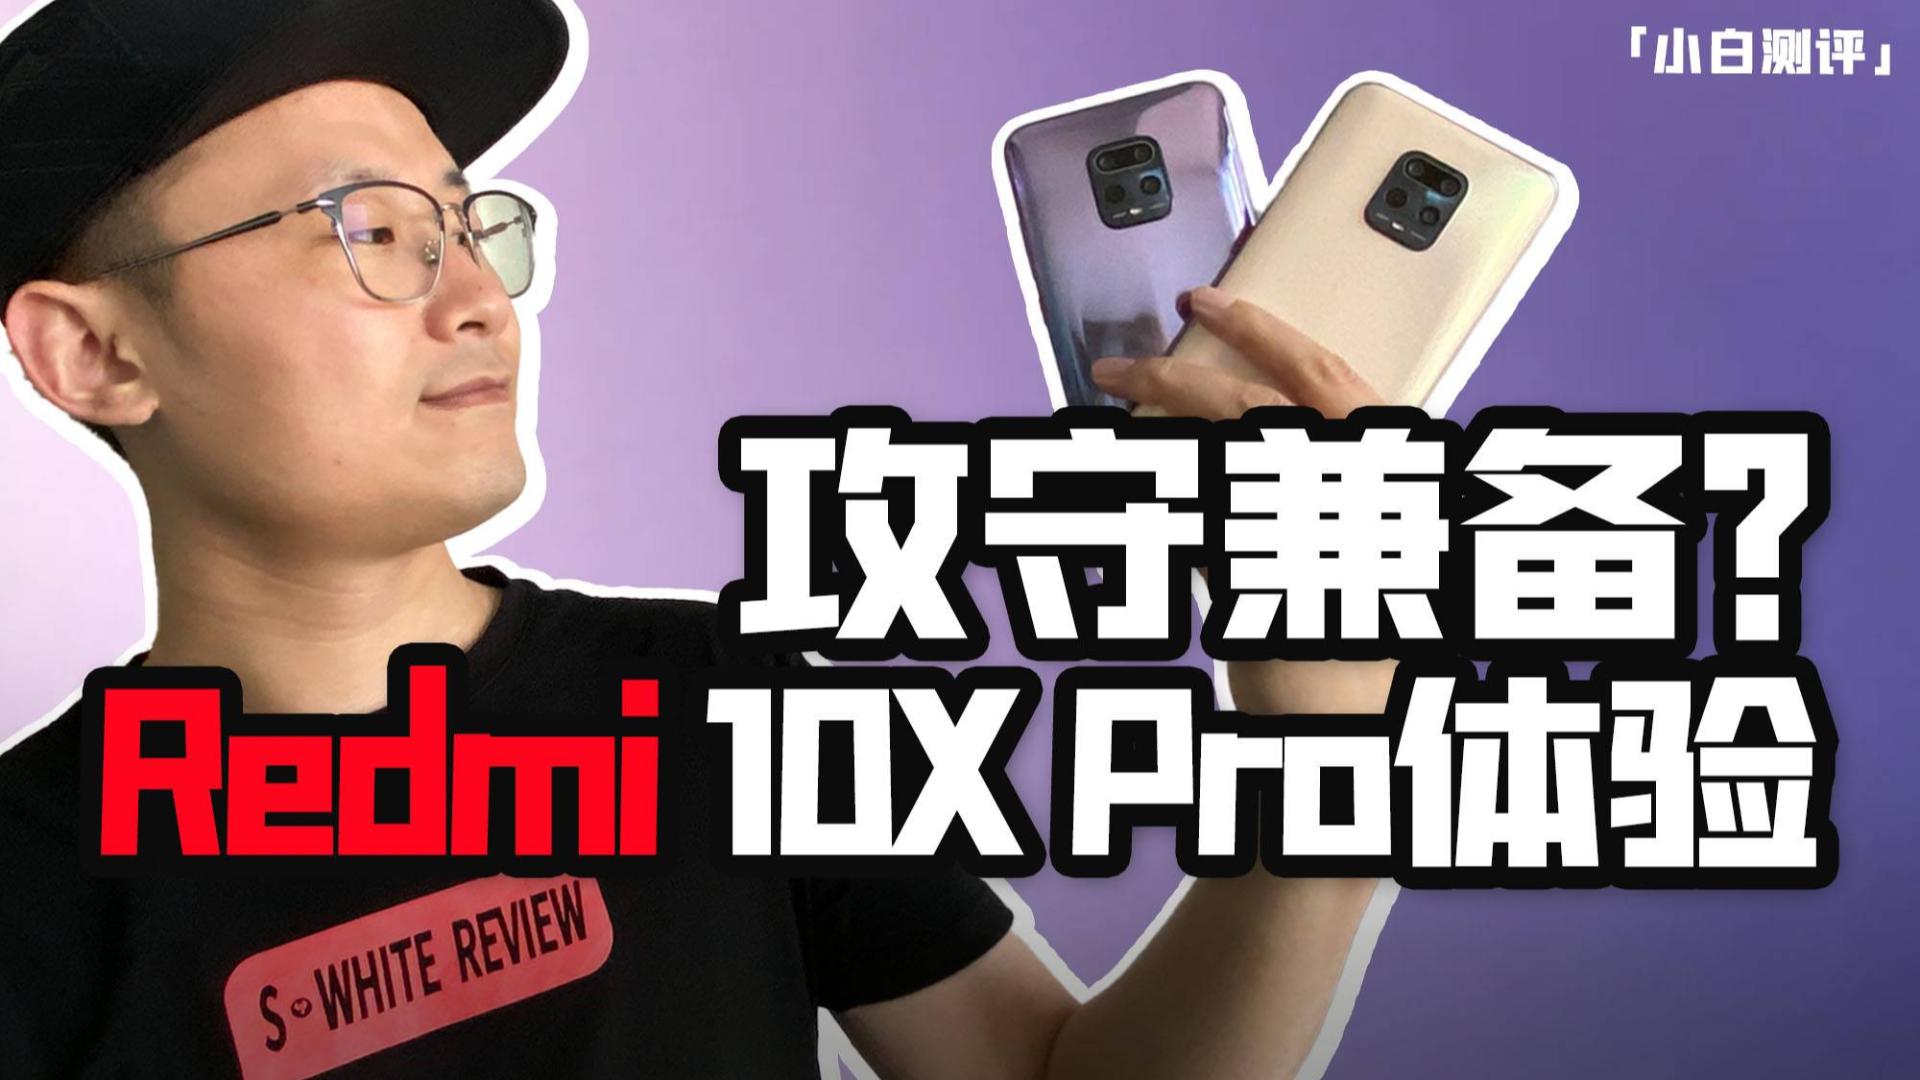 「小白测评」Redmi 10X Pro体验测评 谁是真820?